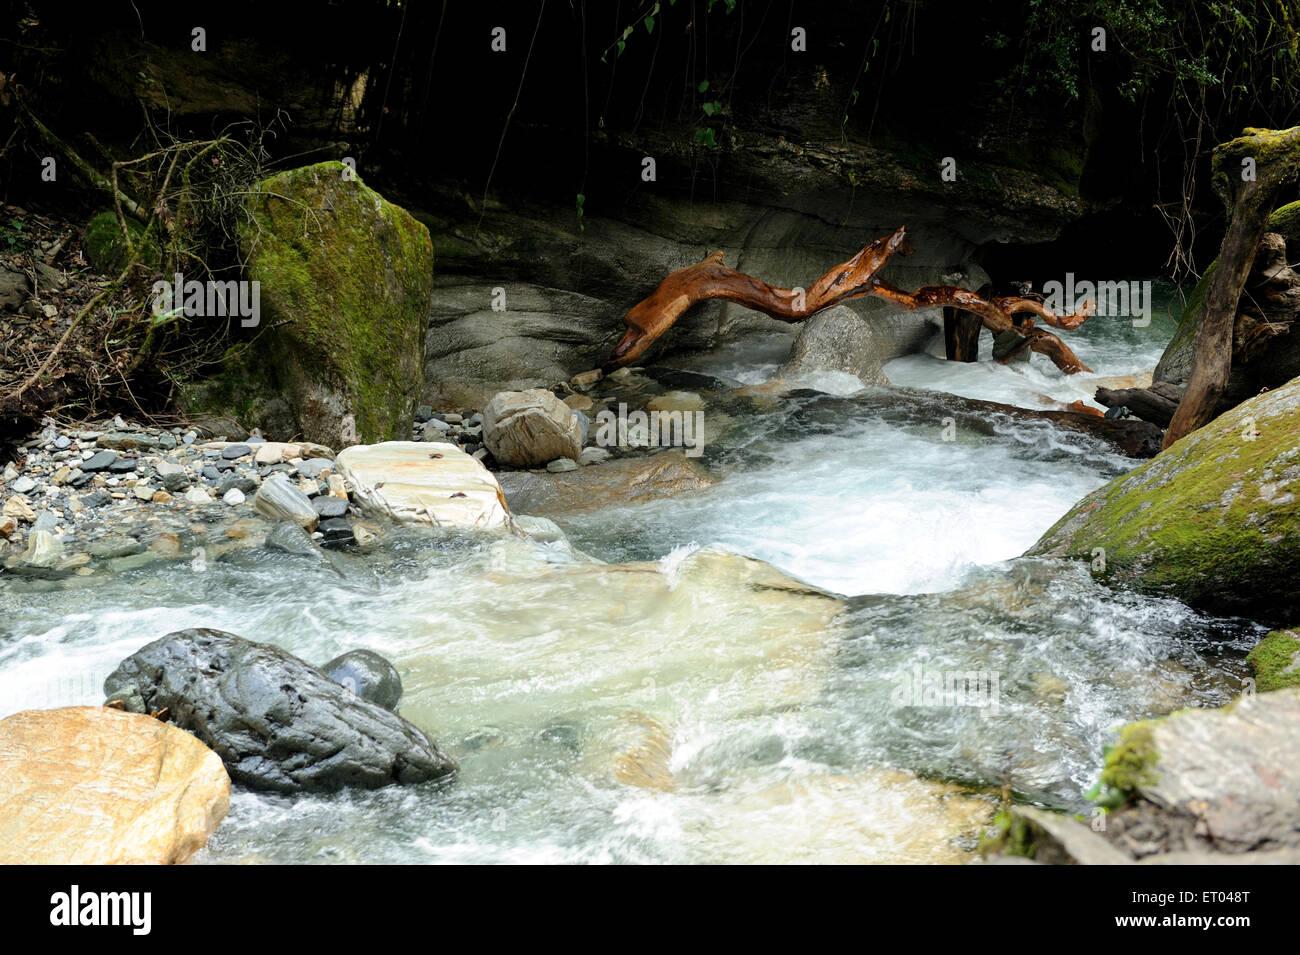 Arroyo con tronco ; ; Ghoripani Nepal Imagen De Stock